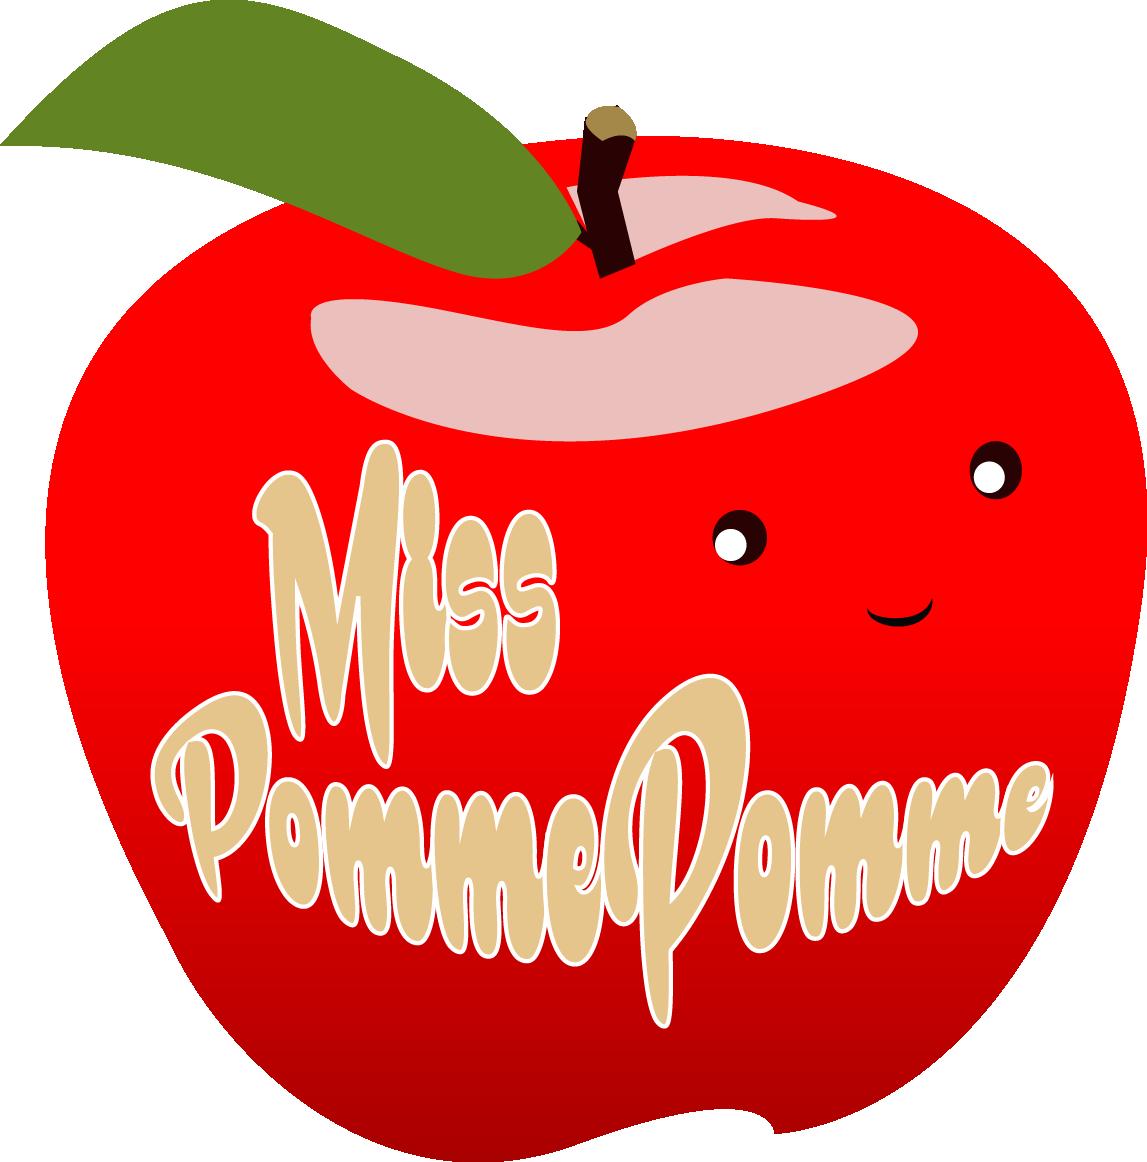 Miss PommePomme